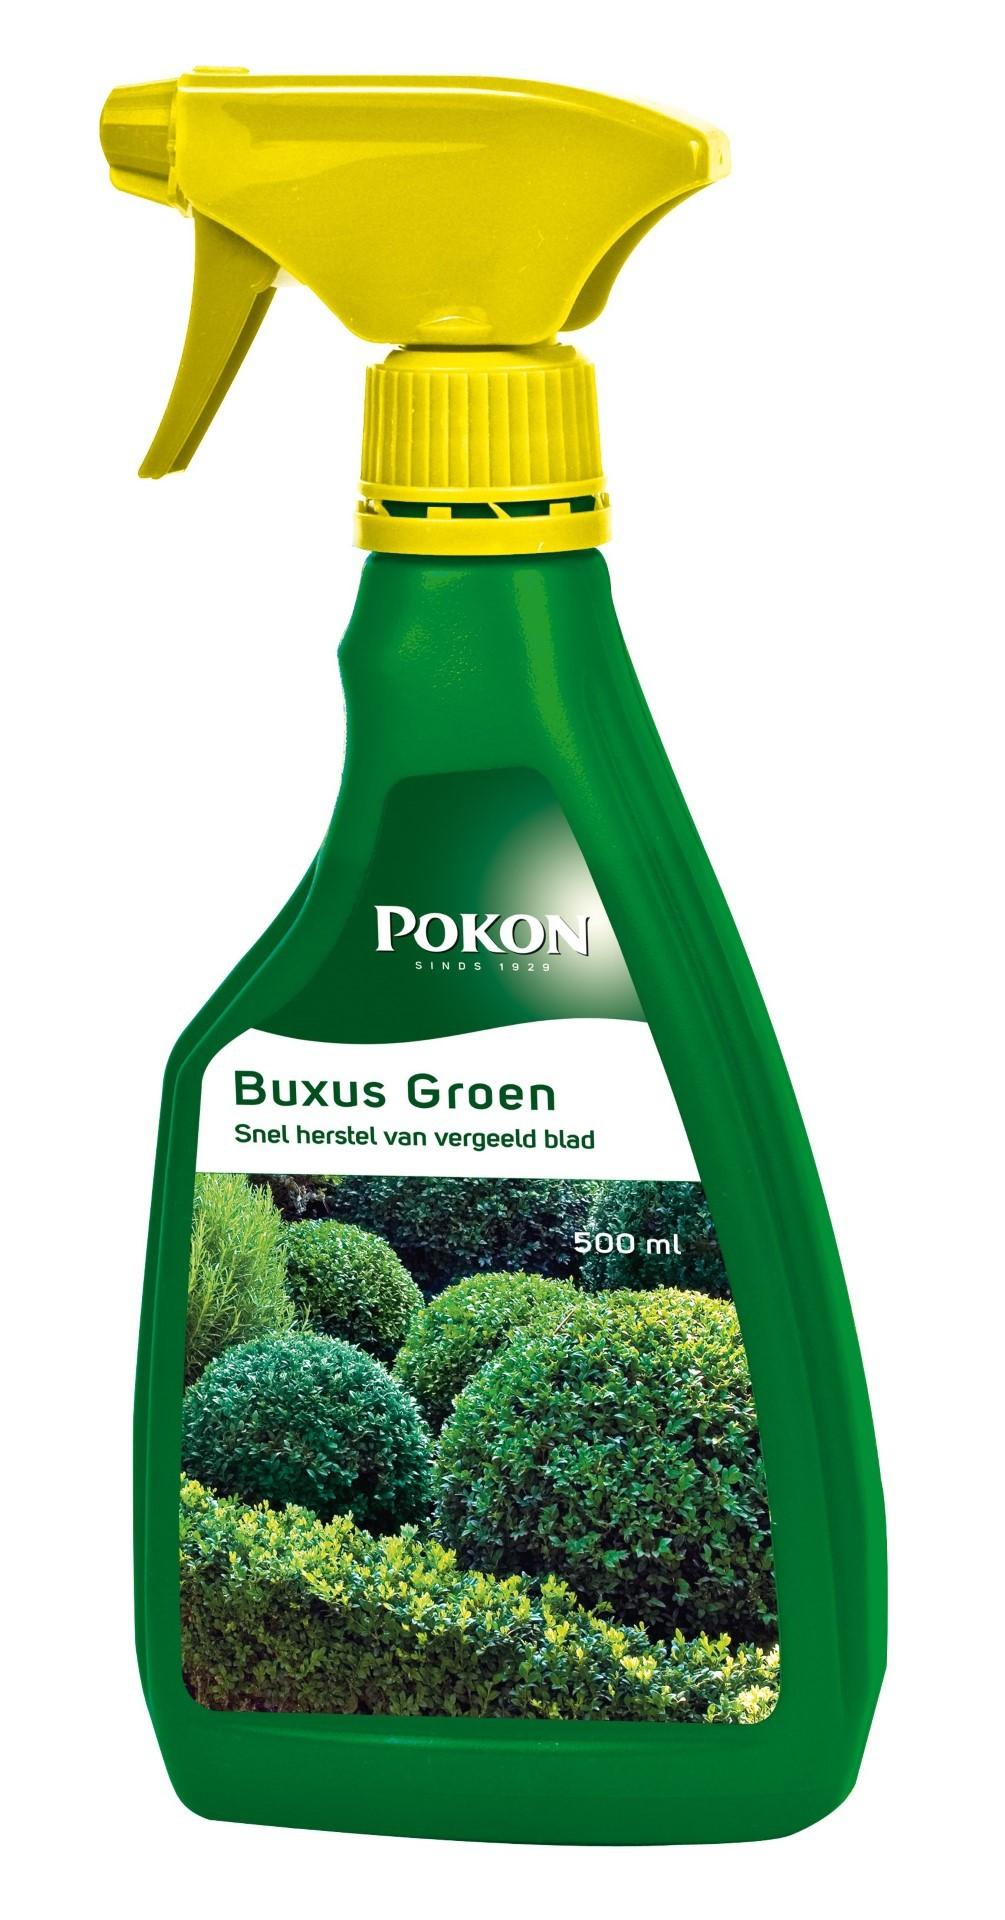 Buxus Groen 500ml